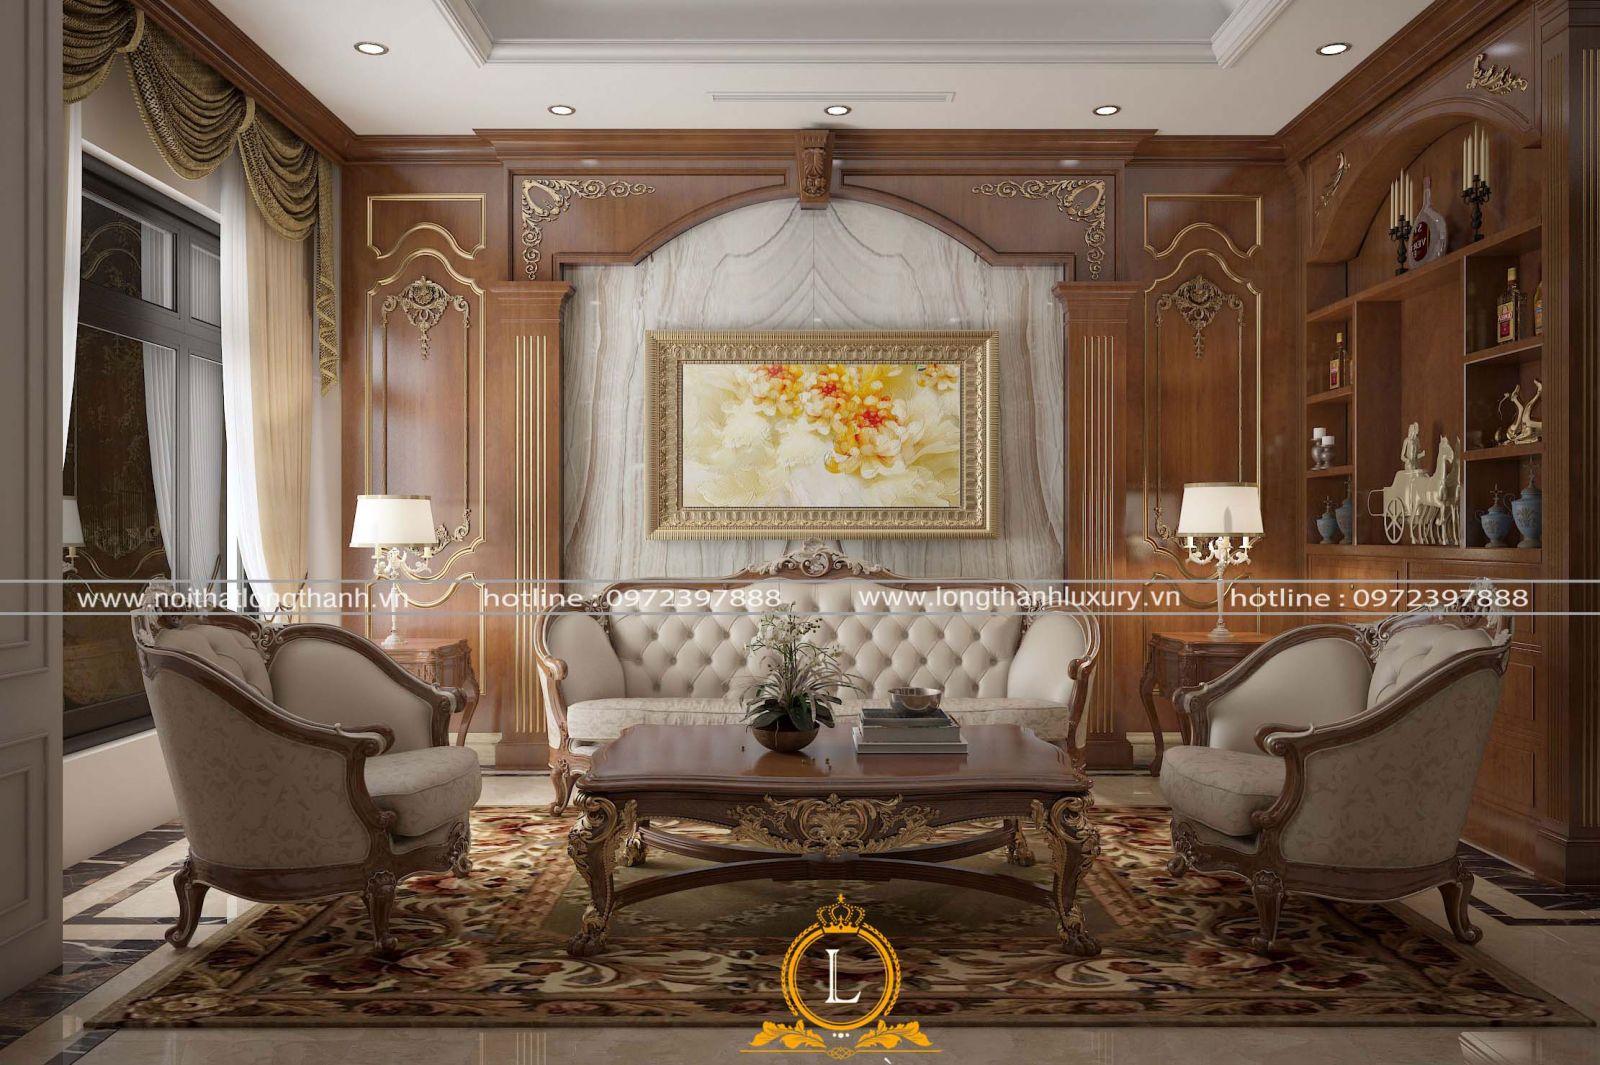 Bộ sofa  tân cổ điển cho nhà ống được kết hợp cân đối cùng gam màu với thảm trải sàn